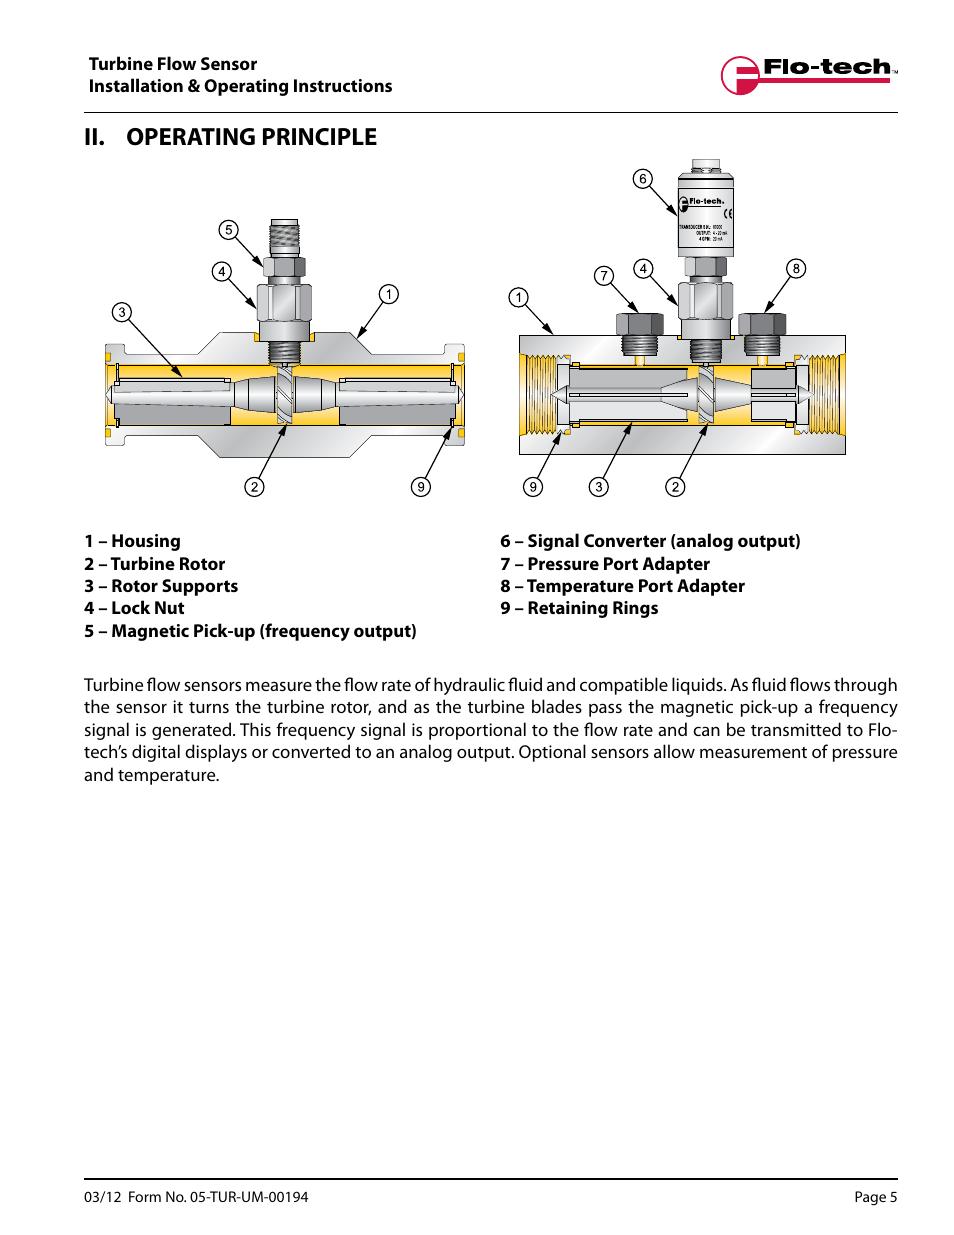 Badger Meter Turbine Flow Meters Hydraulic Fluids User Manual Guide